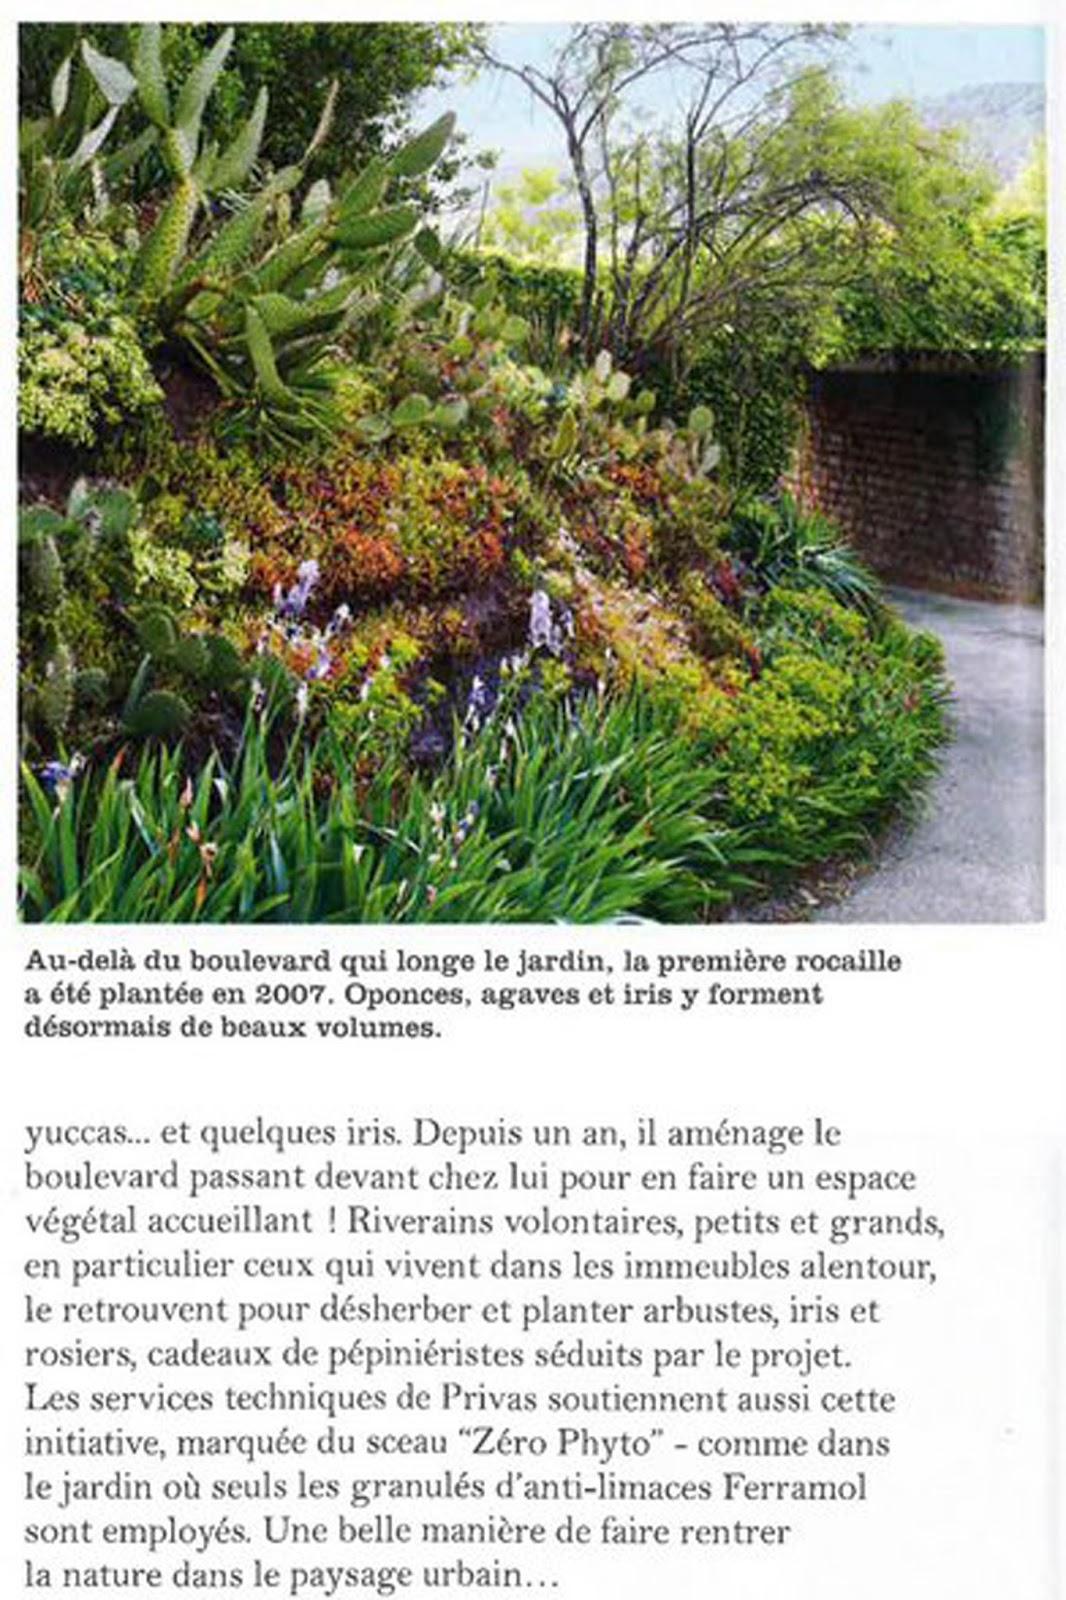 Boulevard de b signoles vers un boulevard jardin l 39 ami des jardins et de la maison de fevrier 2016 - L ami des jardins et de la maison ...